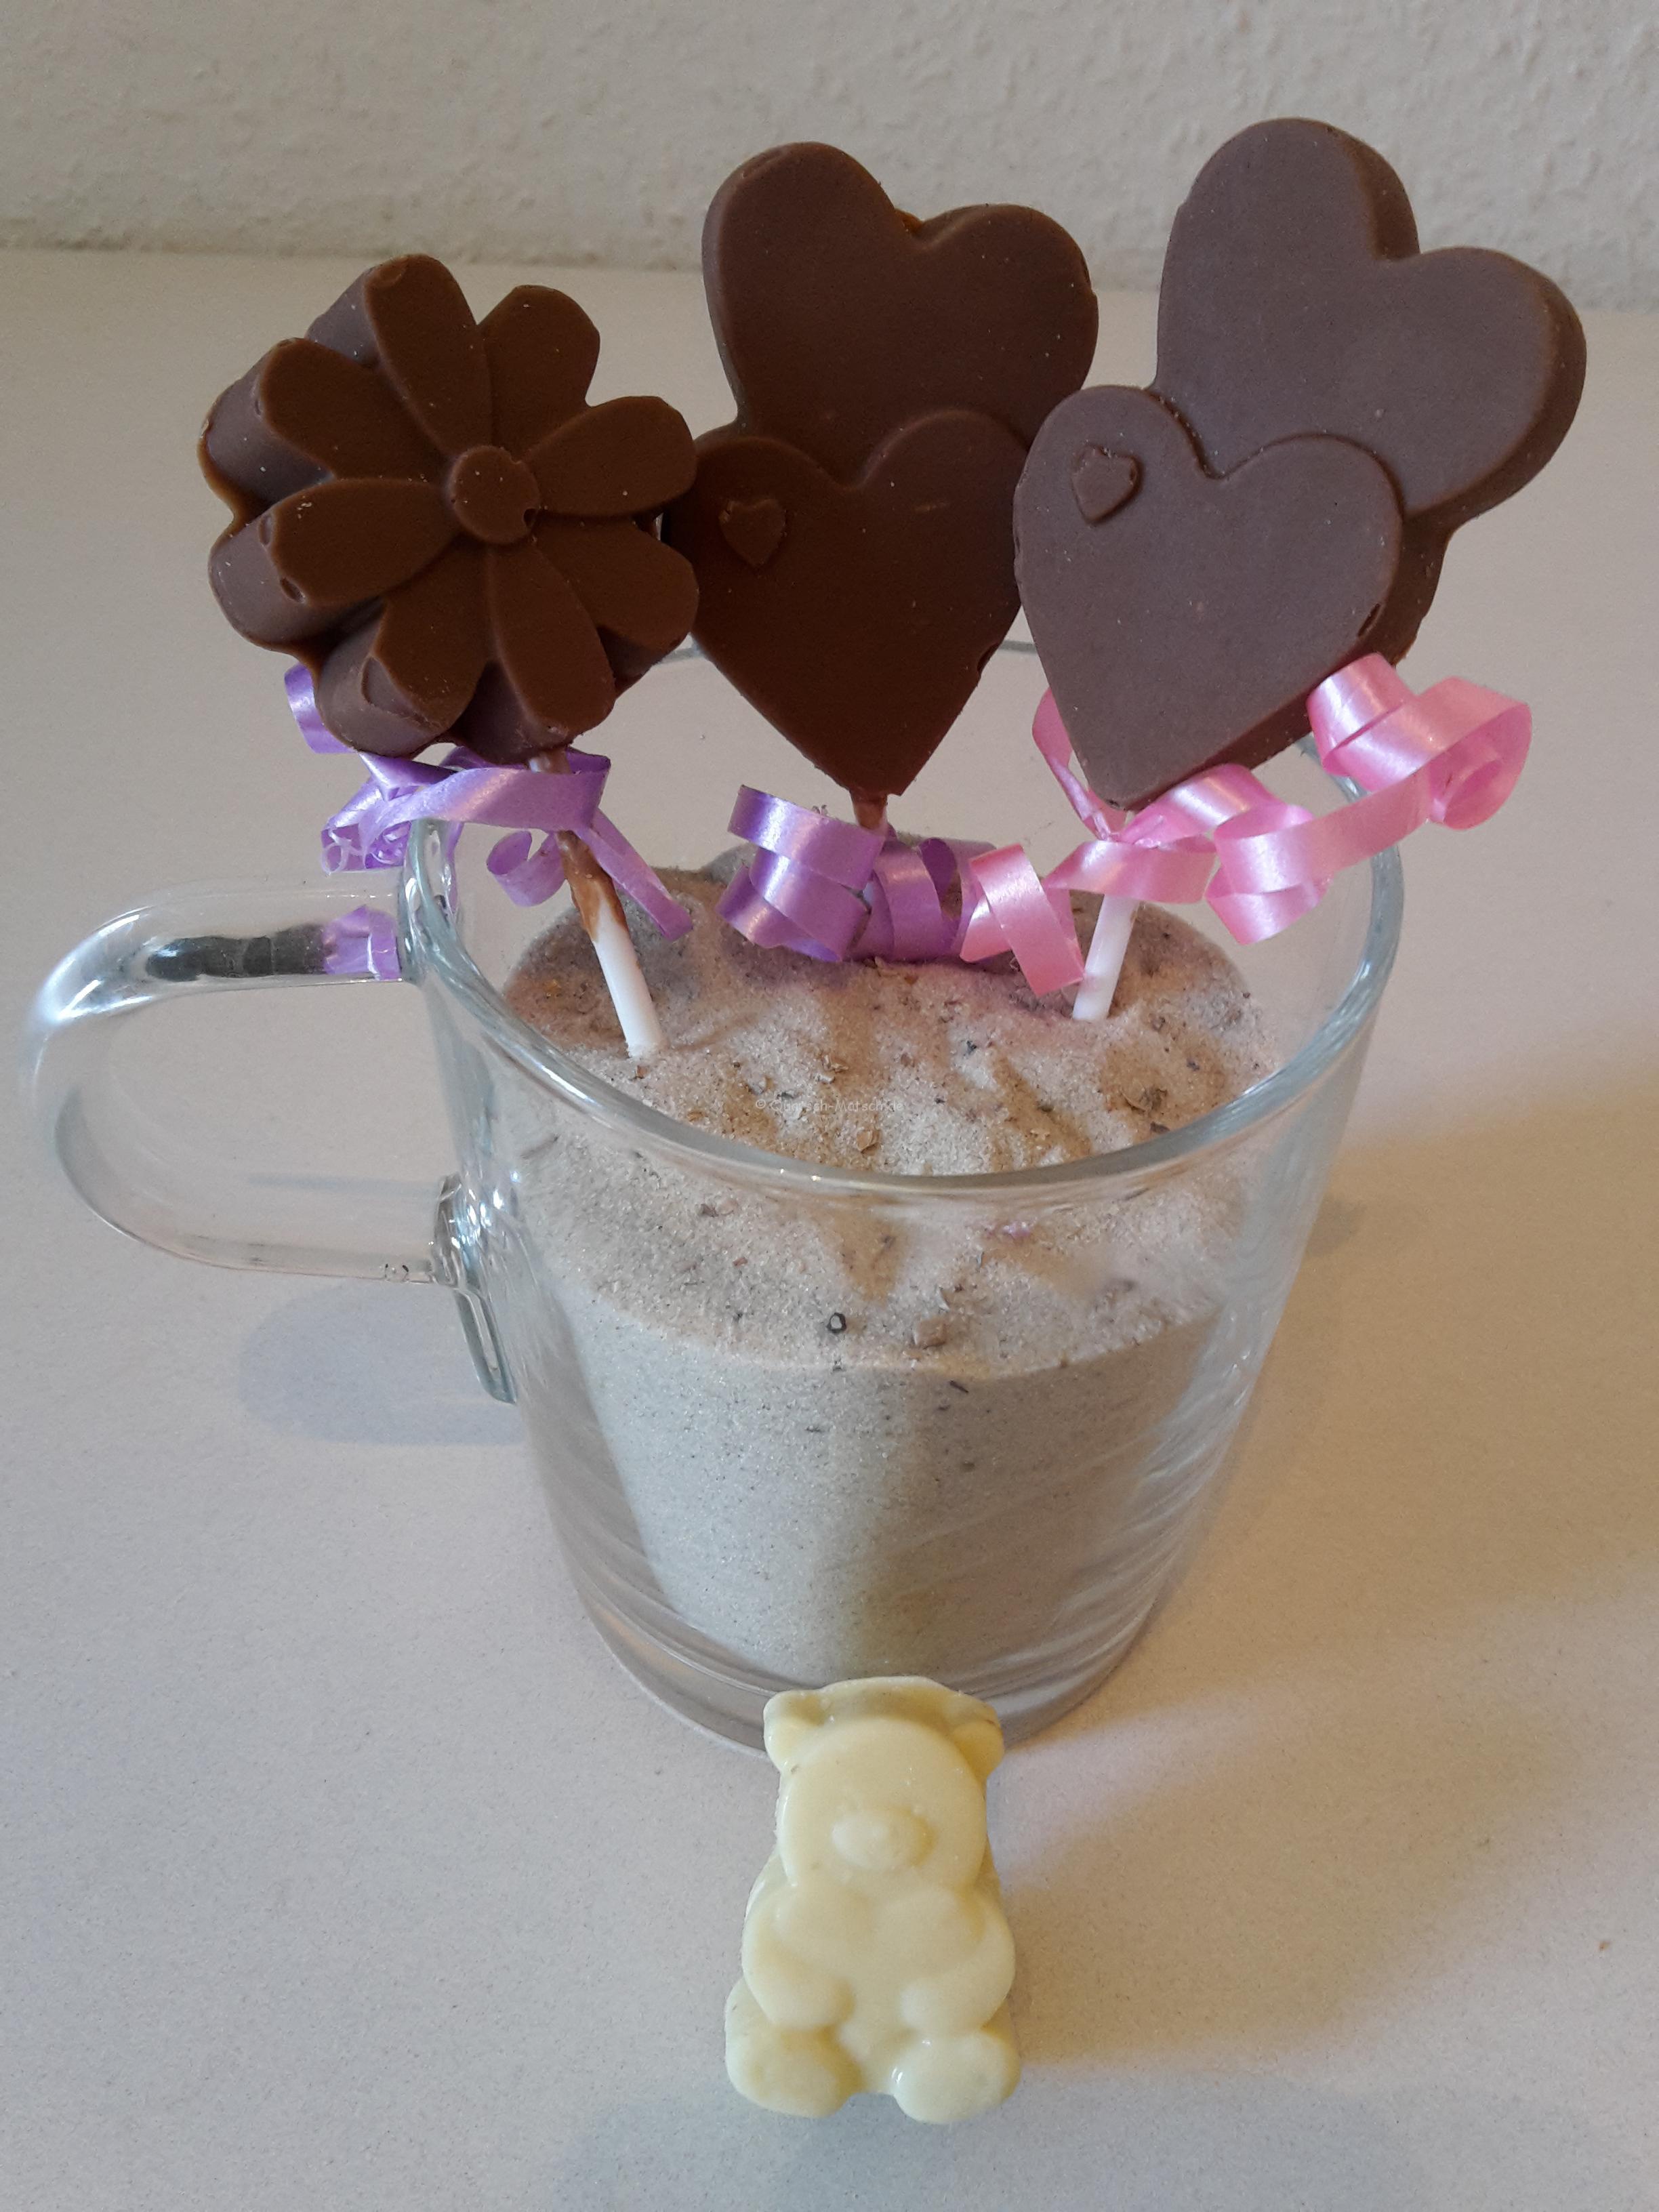 Leckere Schokoladenlollies und Tiere selbst gemacht